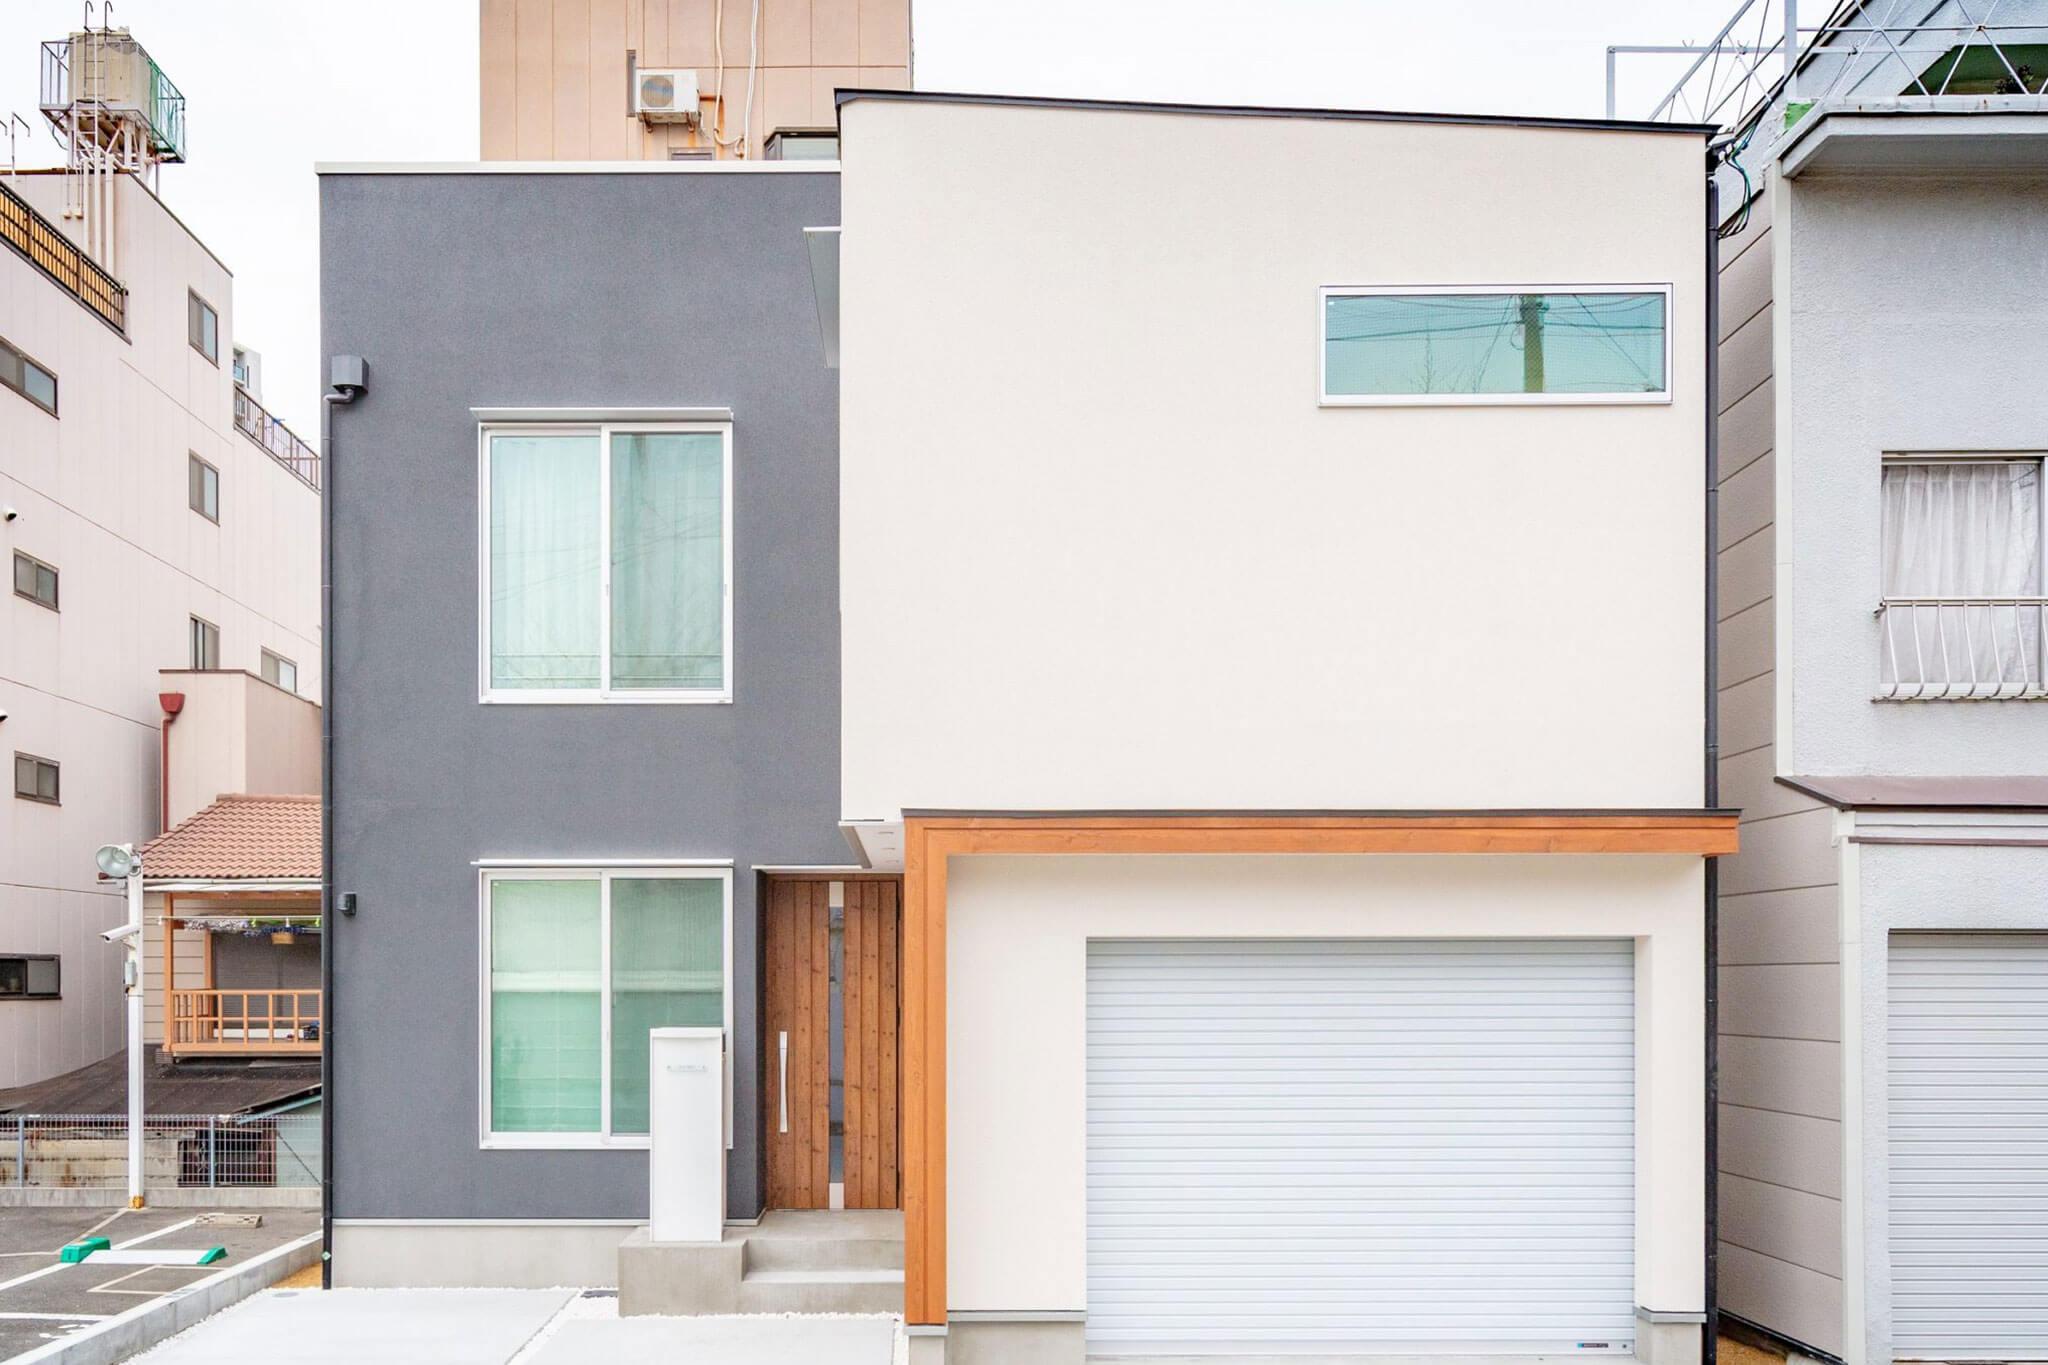 大阪市で屋上庭園のある家